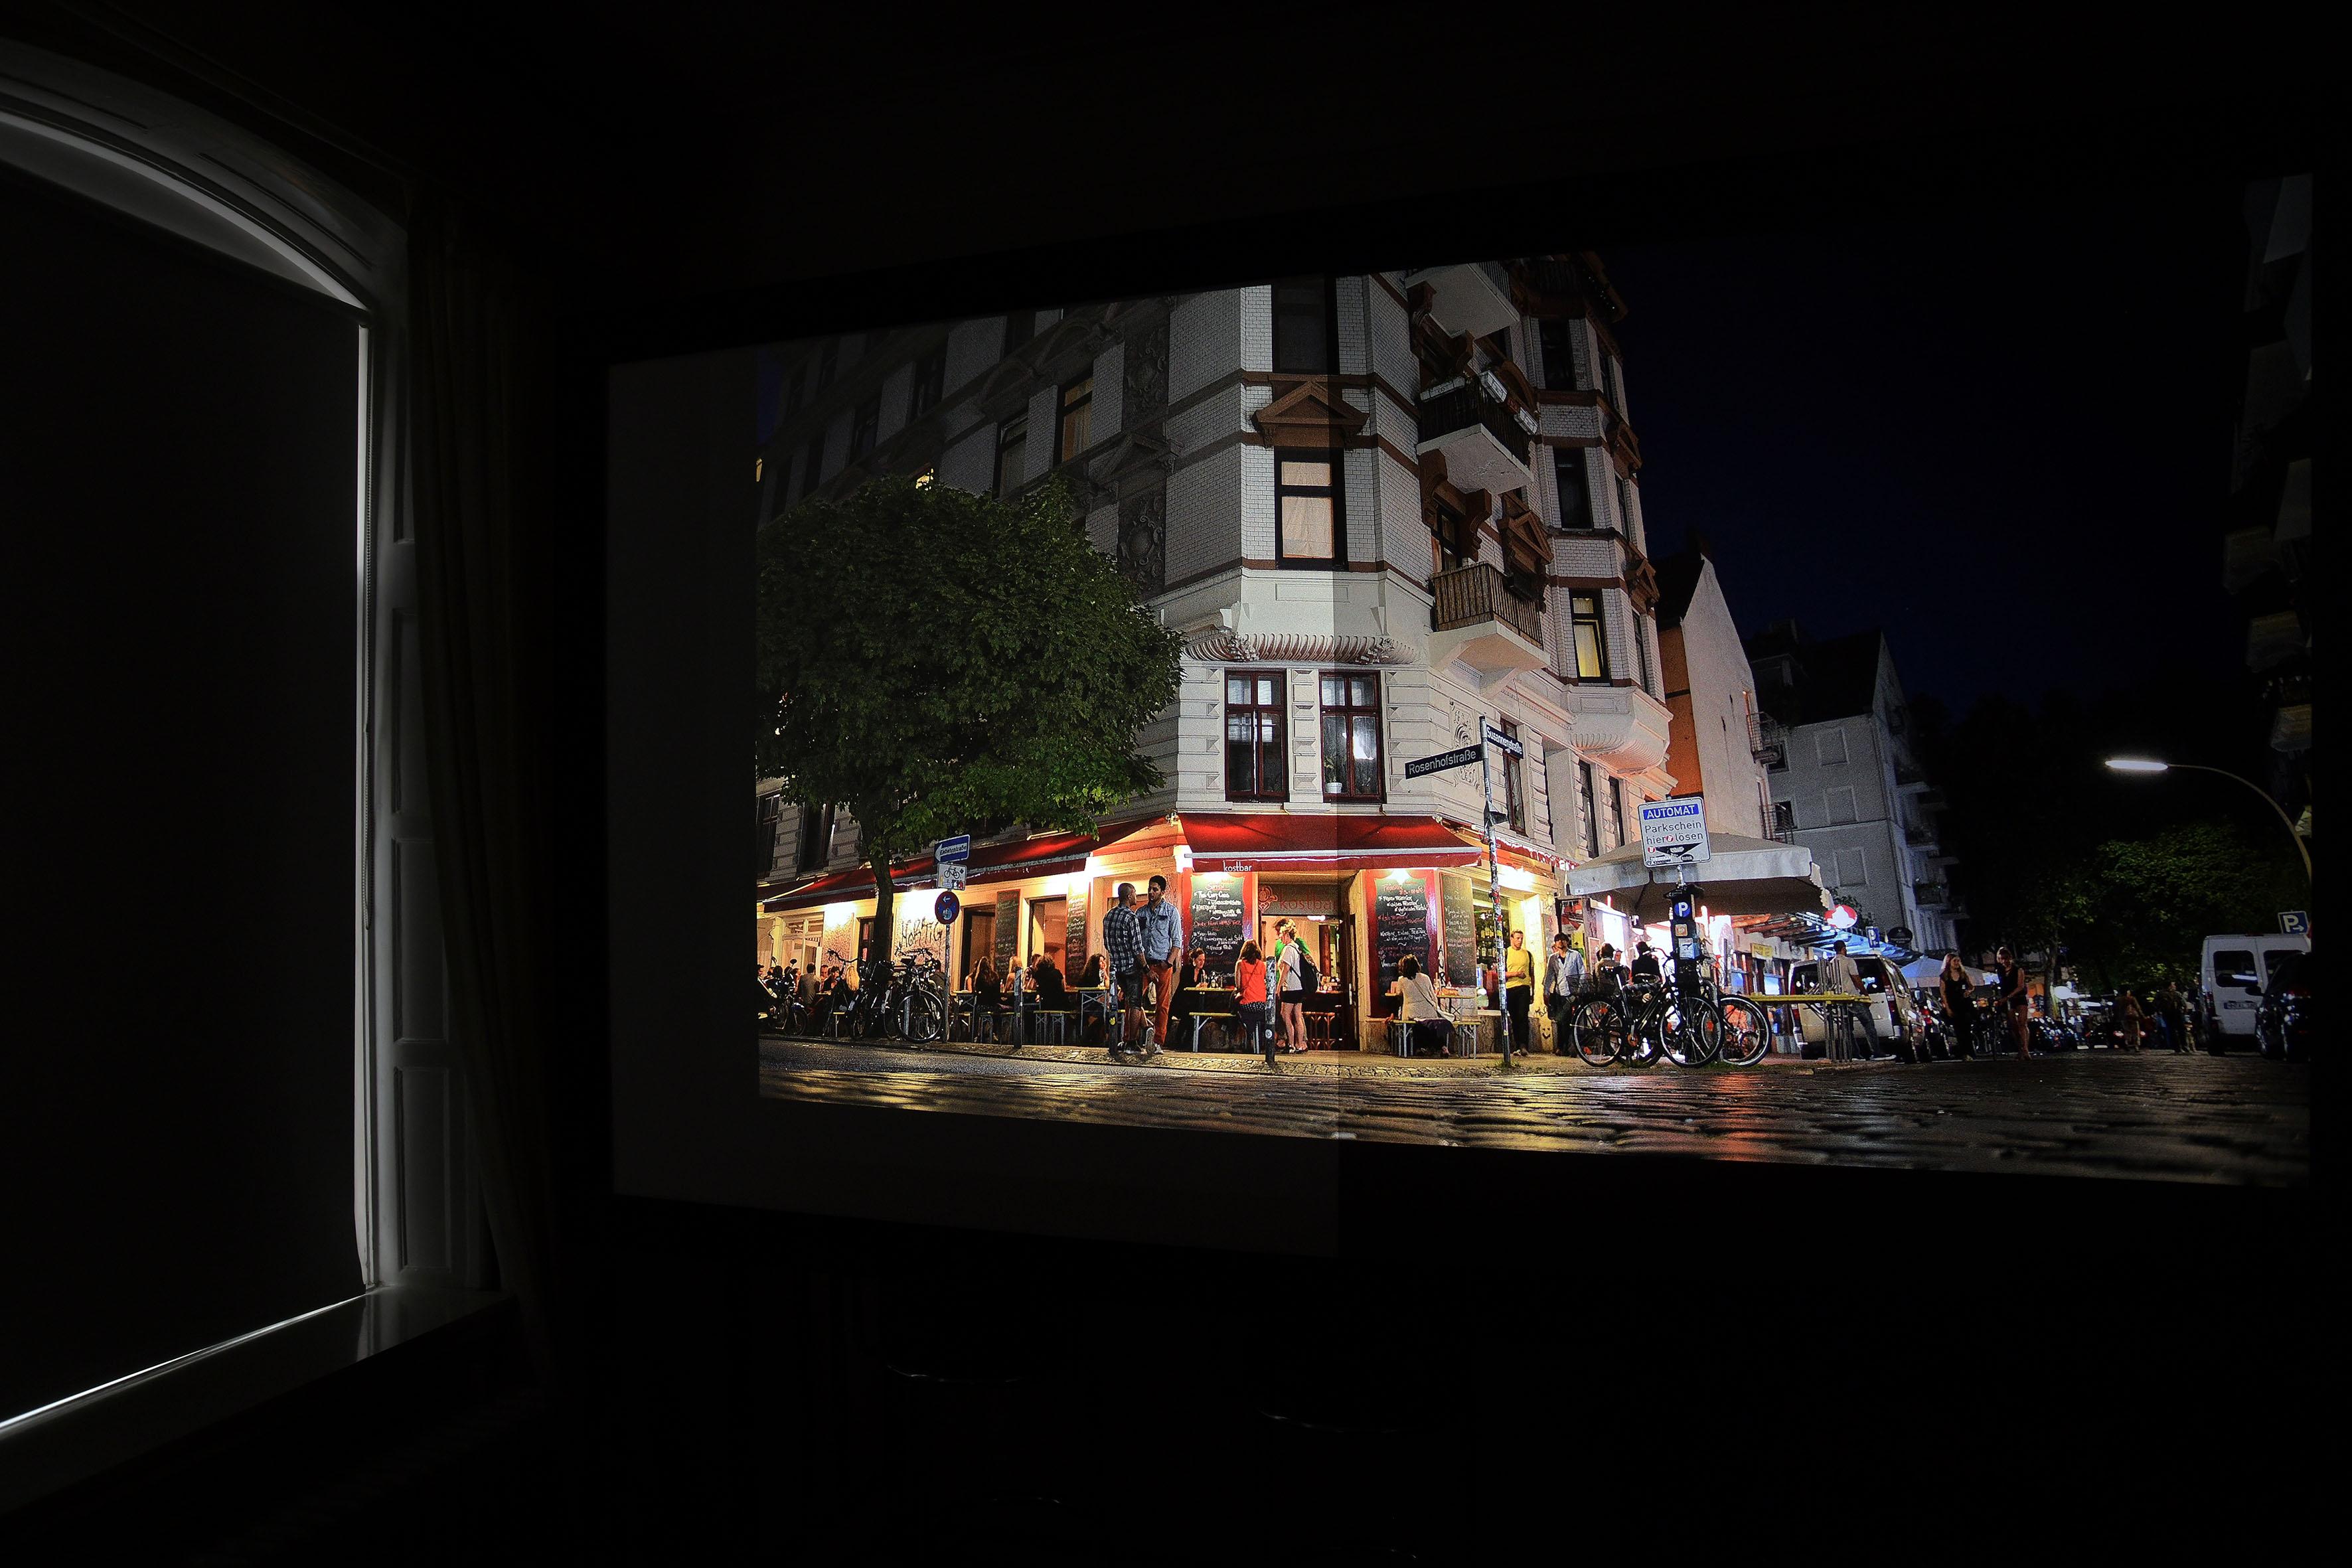 Foto: Michael B. Rehders Wohnzimmer: Stewart StudioTek 100 (links) / Stewart Phantom HALR (rechts) Wird das Fenster mit einem lichtdichten Rollo geschlossen, so dass kein Tageslicht in den Raum einfällt, ändert sich der Bildeindruck schlagartig.